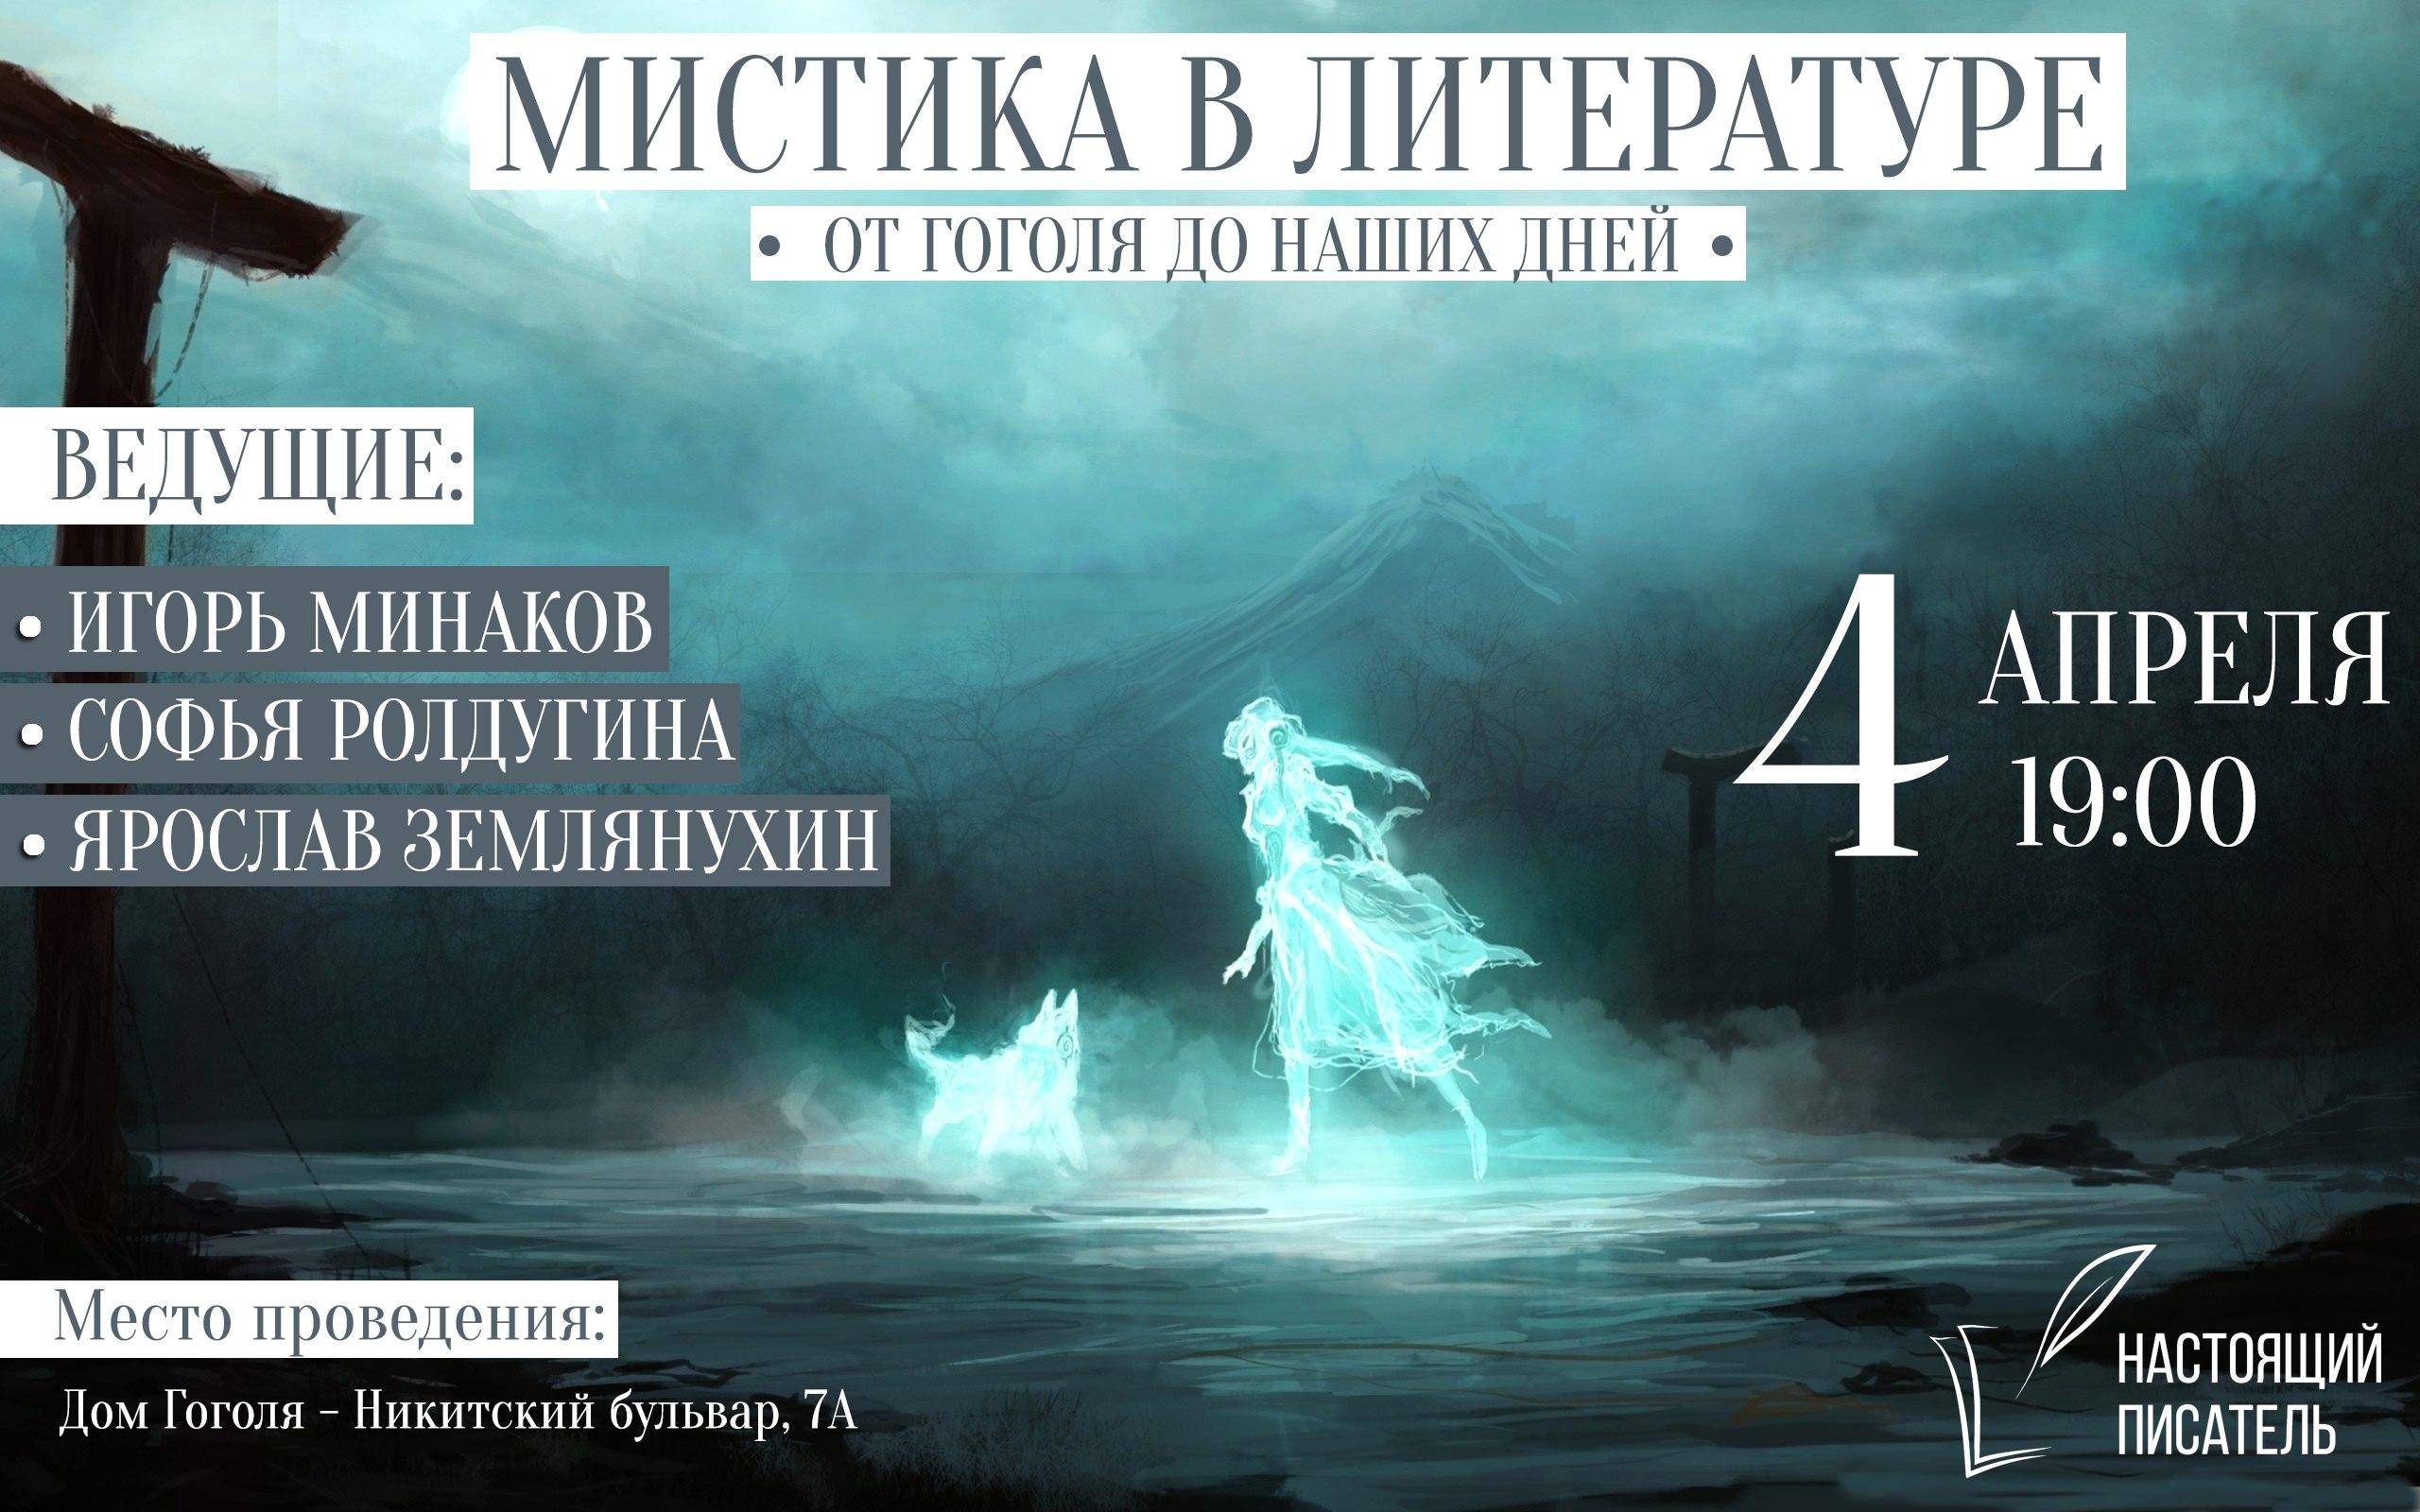 Открытая встреча «Мистика в литературе: от Гоголя до наших дней»